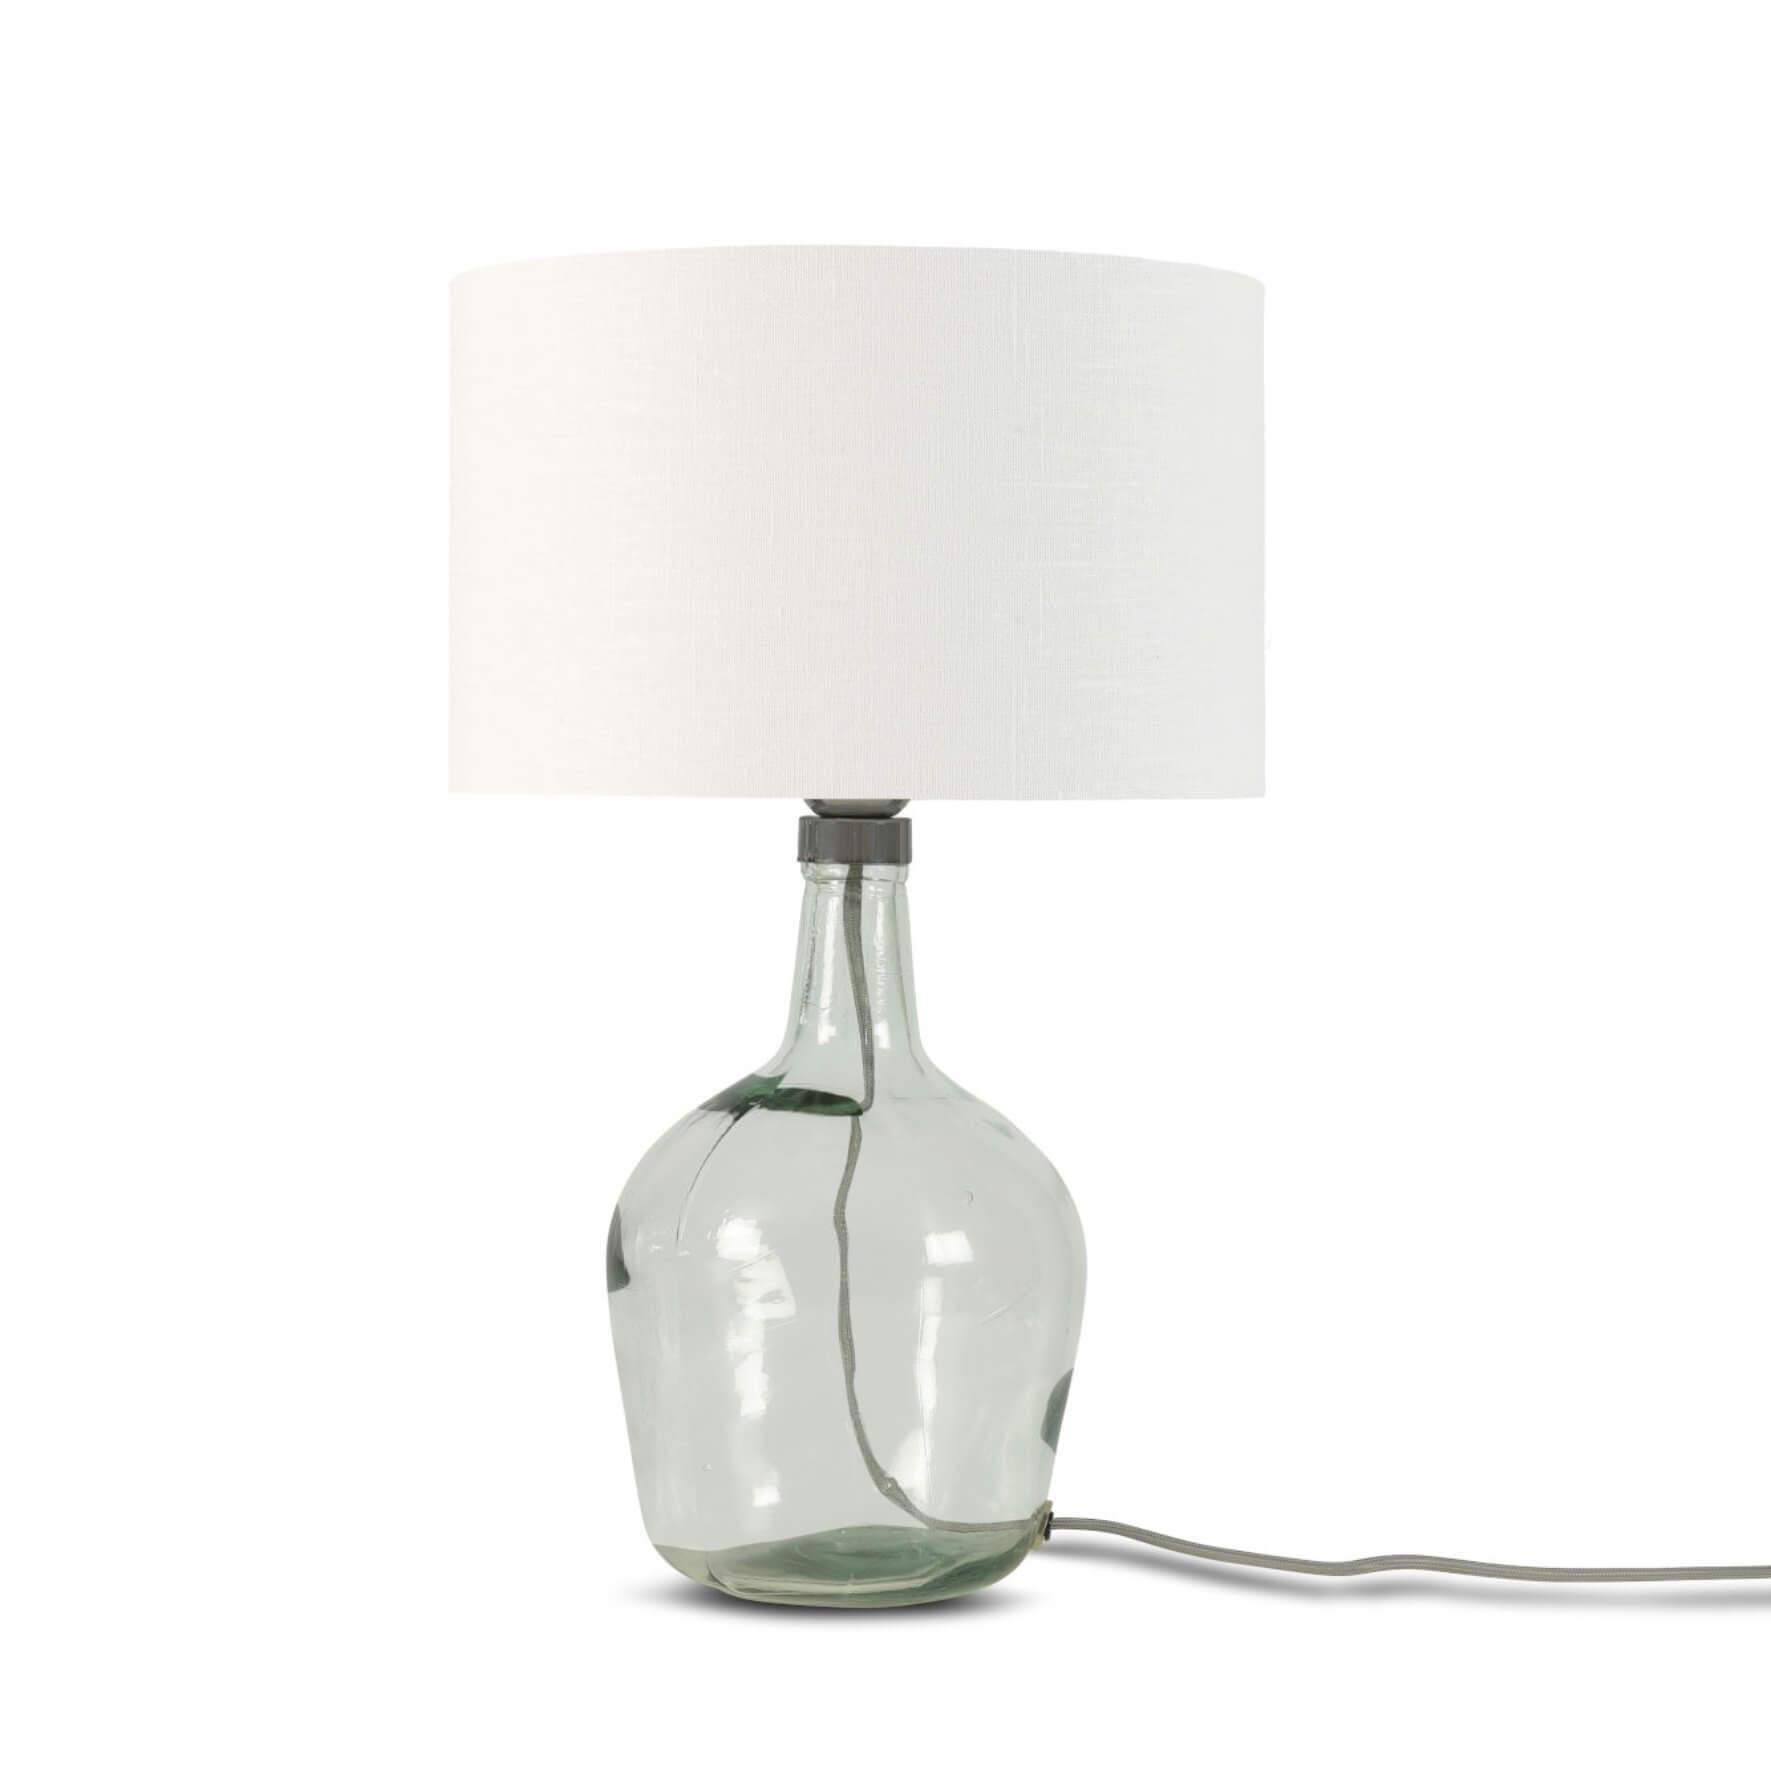 Muranoglasleuchte mit weissem Lampenschirm